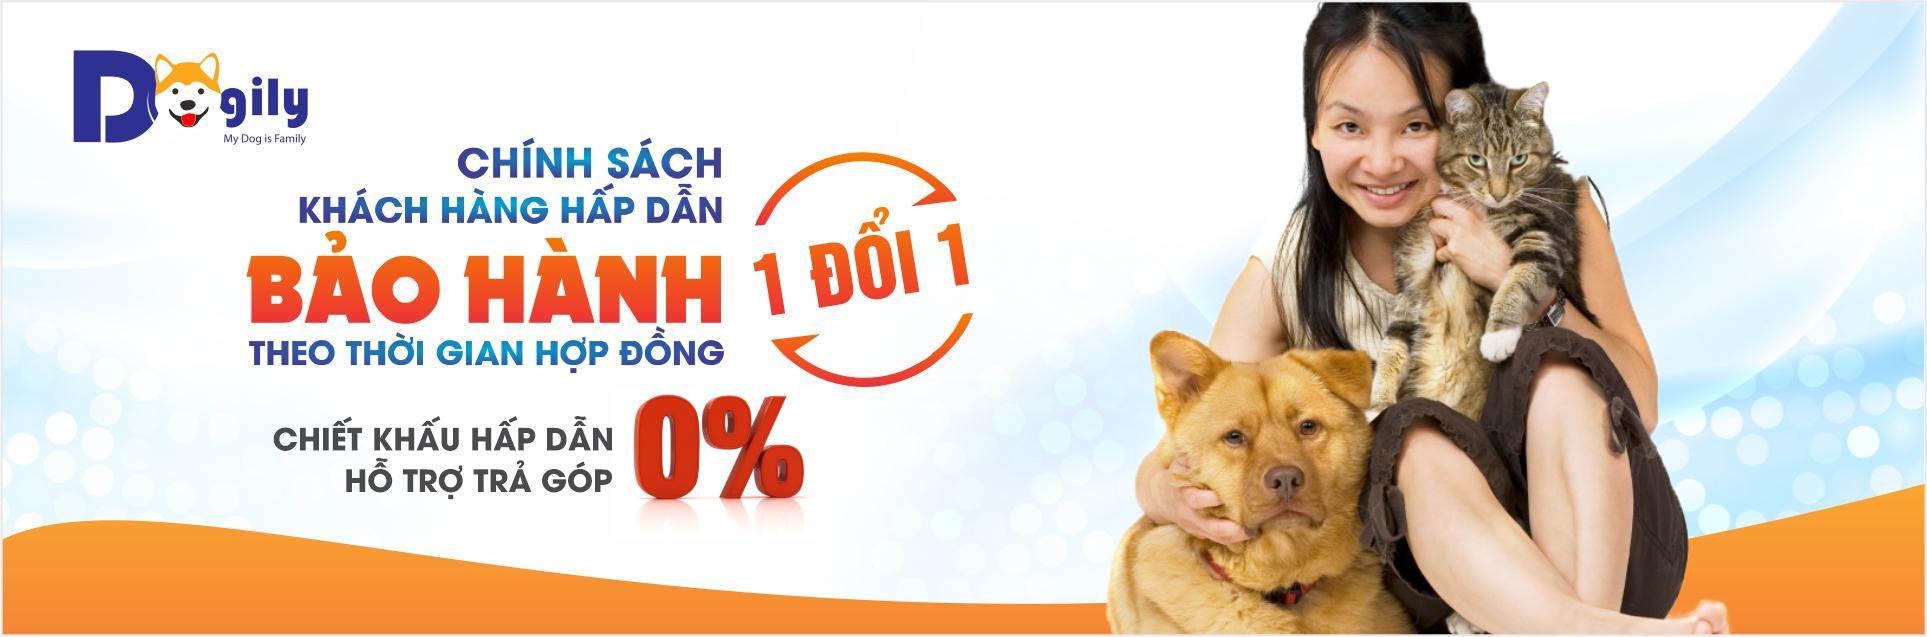 Tại Dogily Petshop, chúng tôi bảo hành sức khỏe 1 đổi 1 trong thời gian hợp đồng và hỗ trợ trả góp lãi suất 0 %, cùng chiết khấu giảm giá và nhiều chương trình khuyến mại hấp dẫn khi mua bán mèo cảnh tại hệ thống các cửa hàng ở Tphcm và Hà nội.